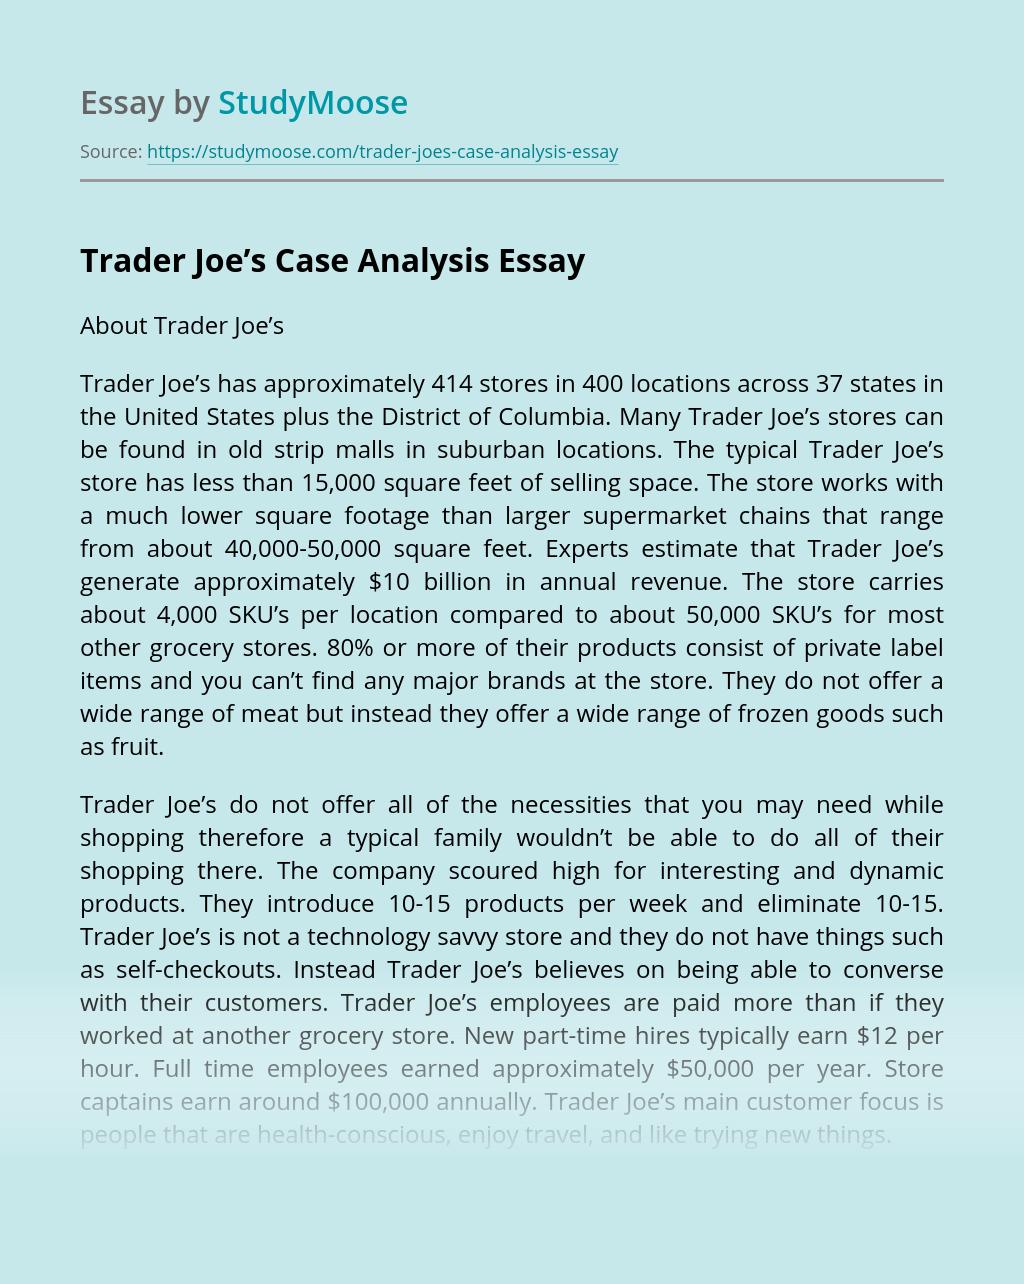 Trader Joe's Case Analysis